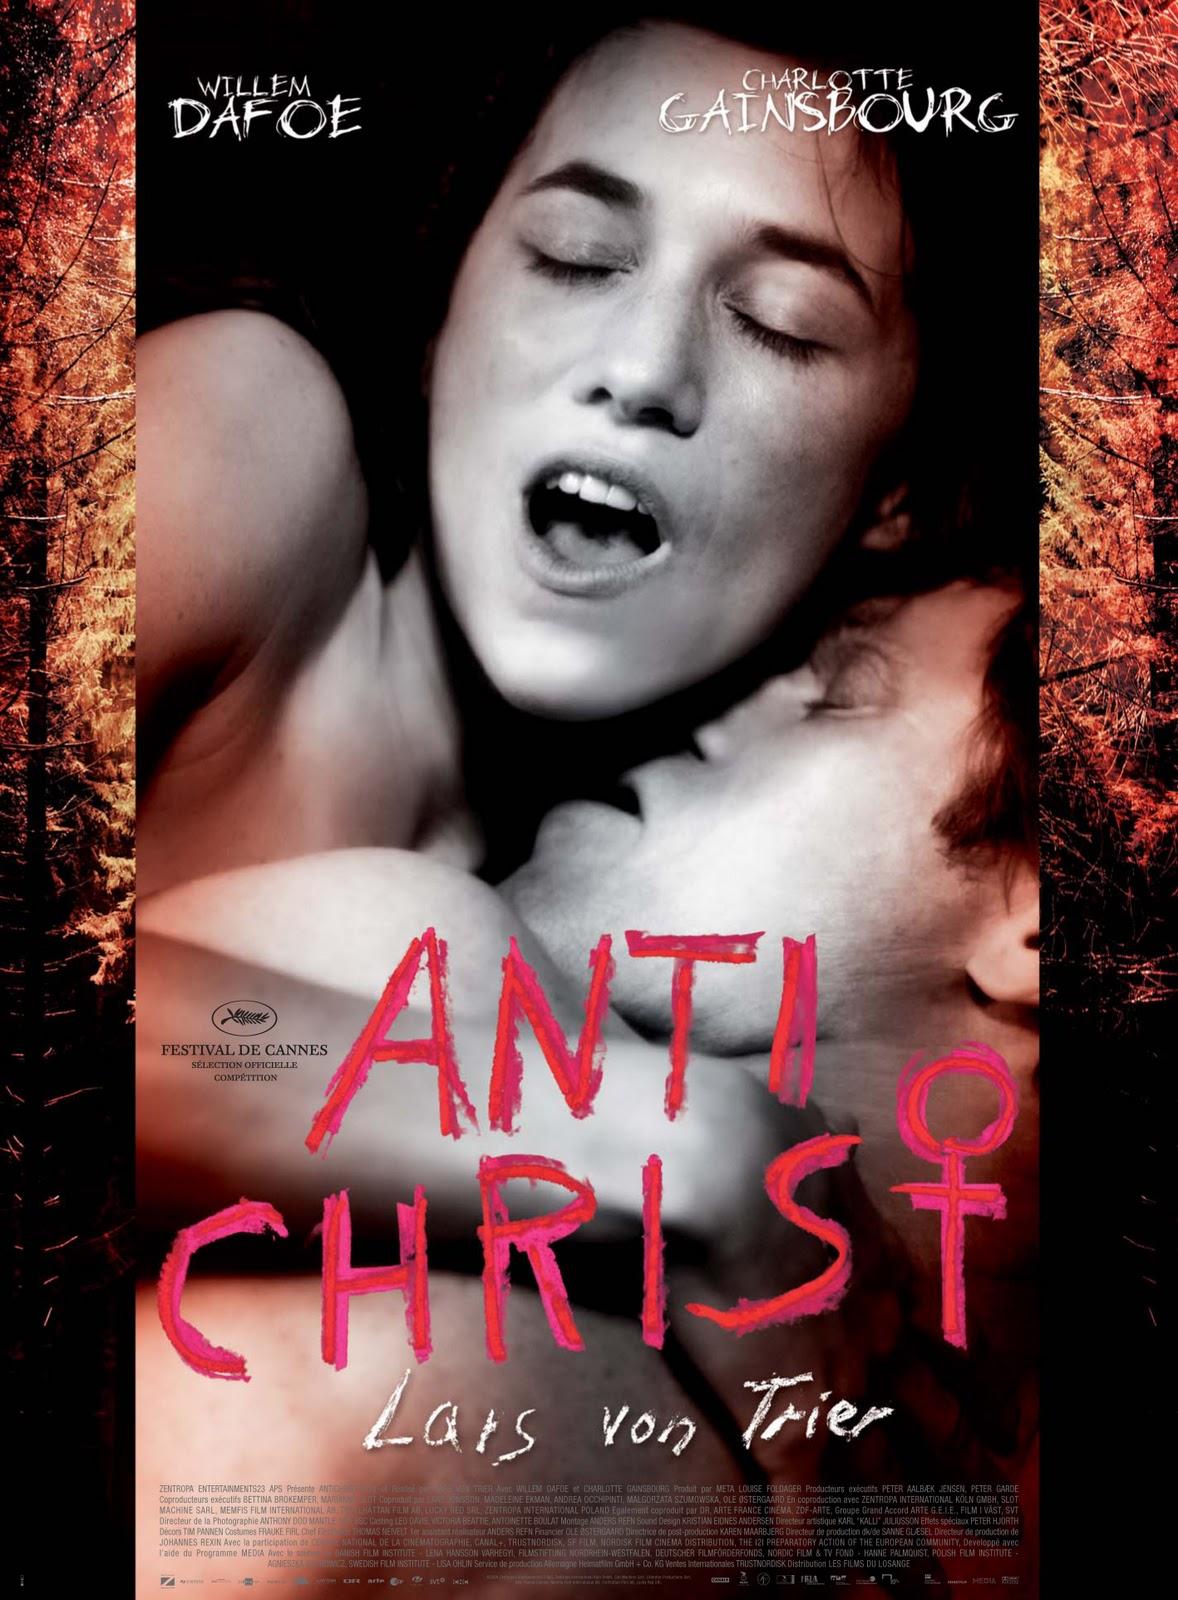 http://3.bp.blogspot.com/-IZbvIzZNIGA/TrjYPZ7ukII/AAAAAAAAA1A/vd2EFsjsQpk/s1600/antichrist_affiche.jpg